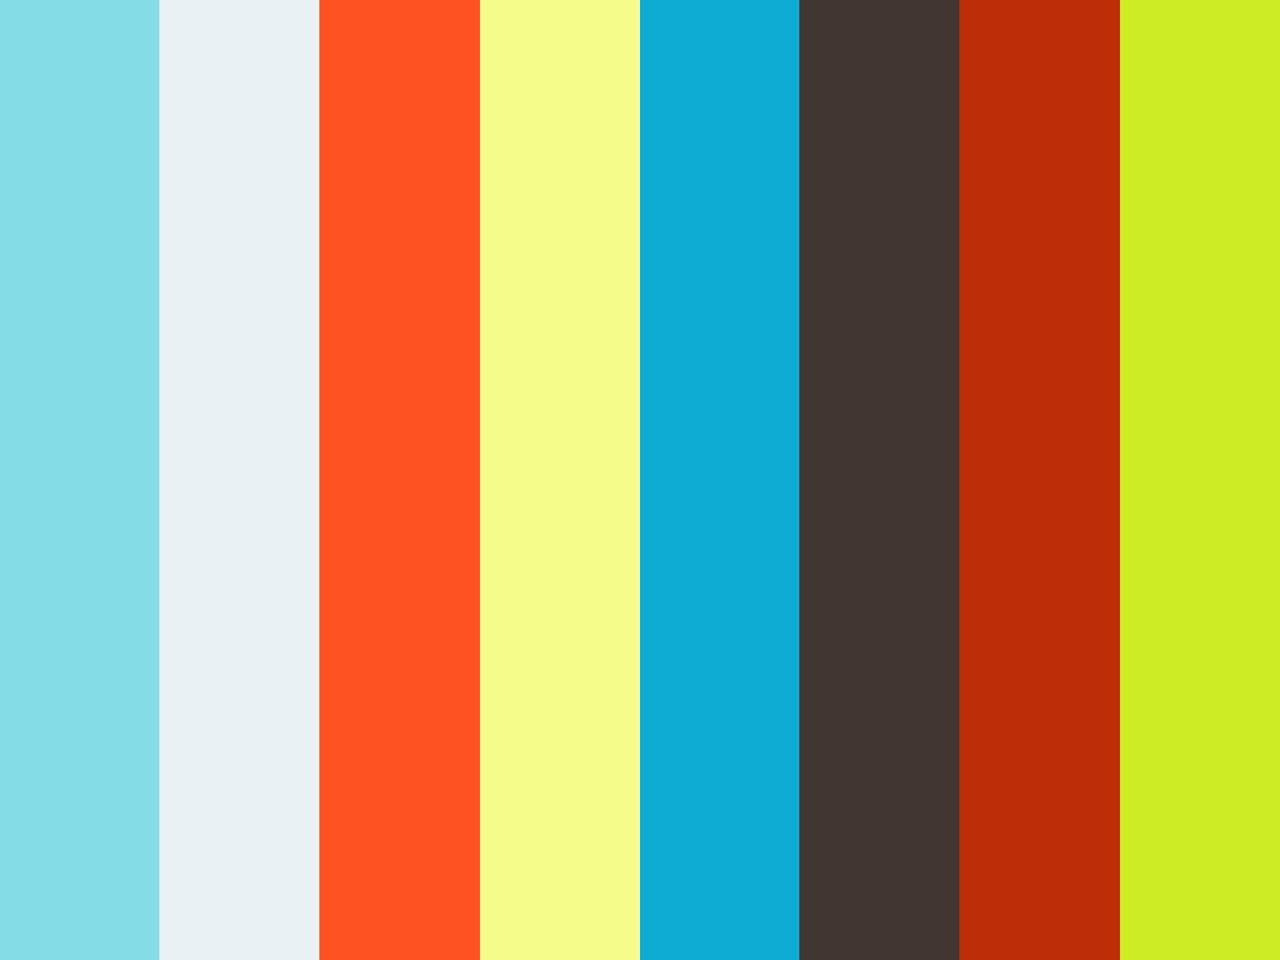 The Colour Red in Pedro Almodóvar's Cinema